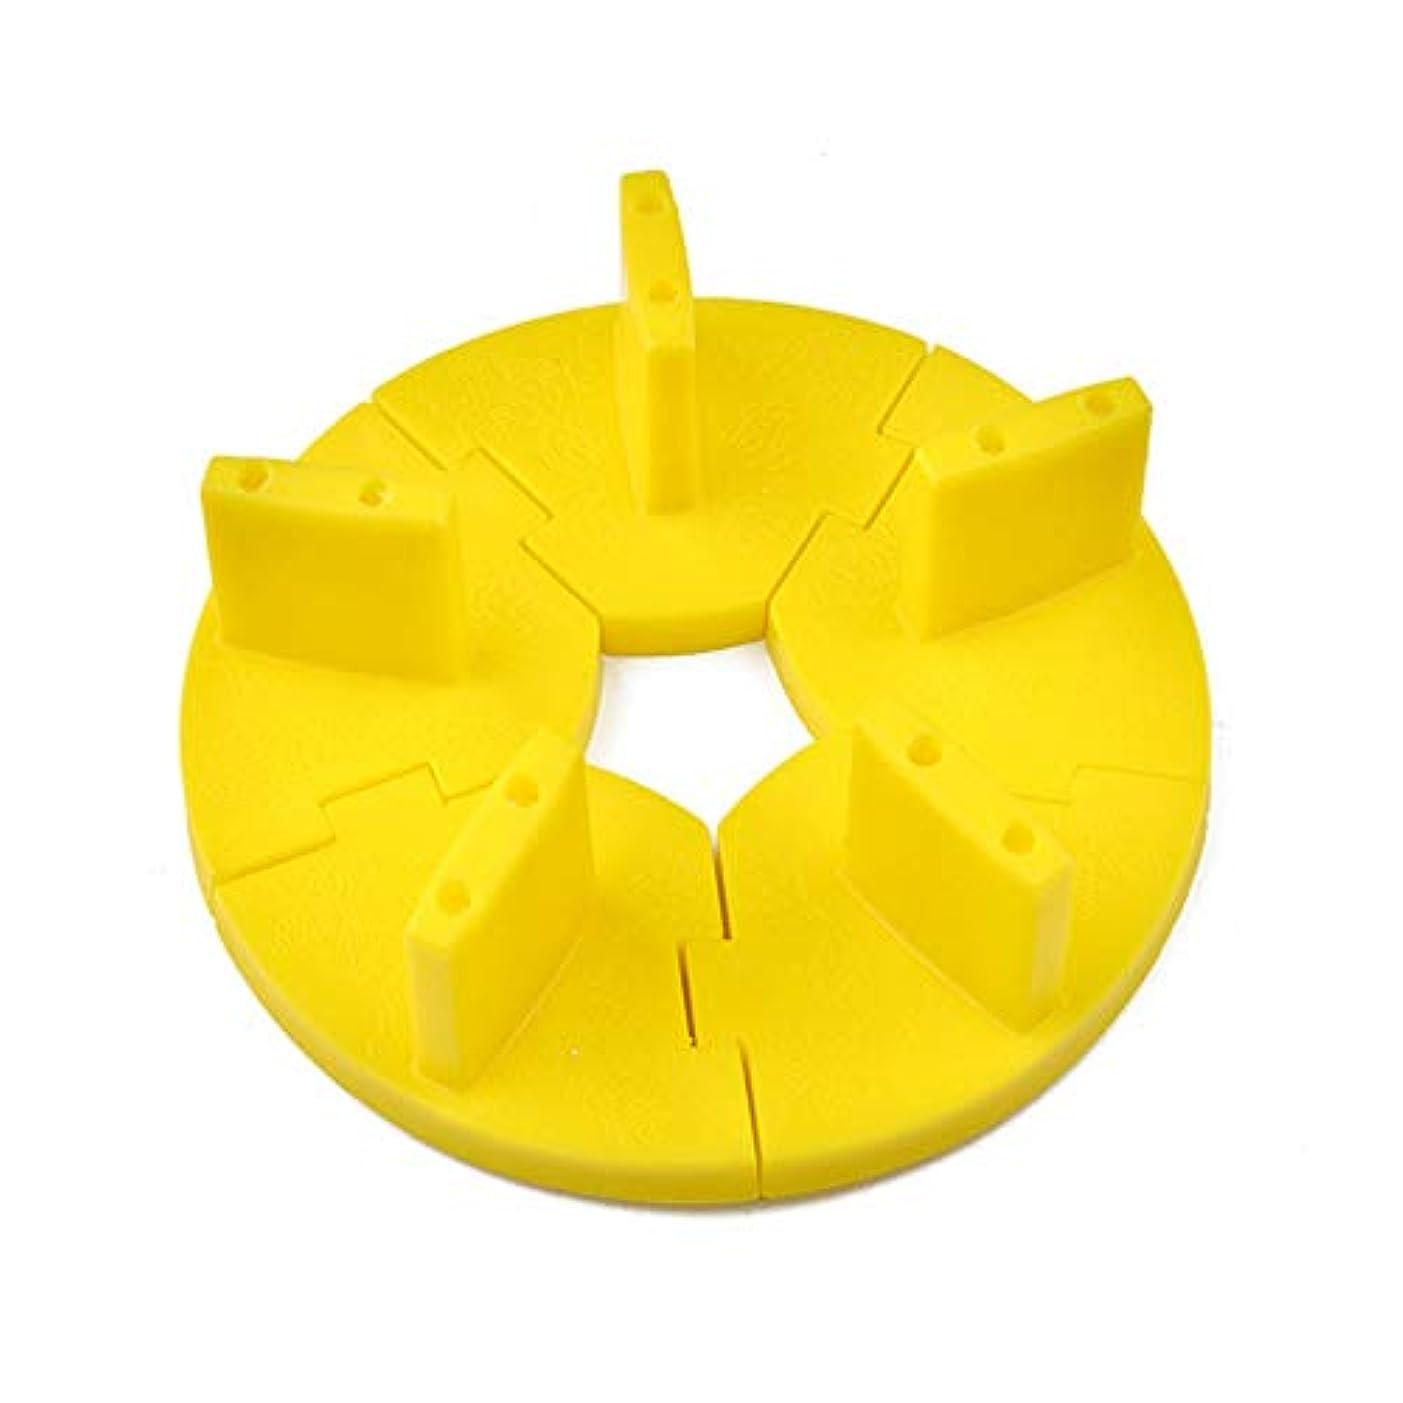 打倒空気ボンドネイルチップスタンド ネイル練習ツール ディスプレイホルダースタンド 組み立て式 固定チップ5個付き (イエロー)